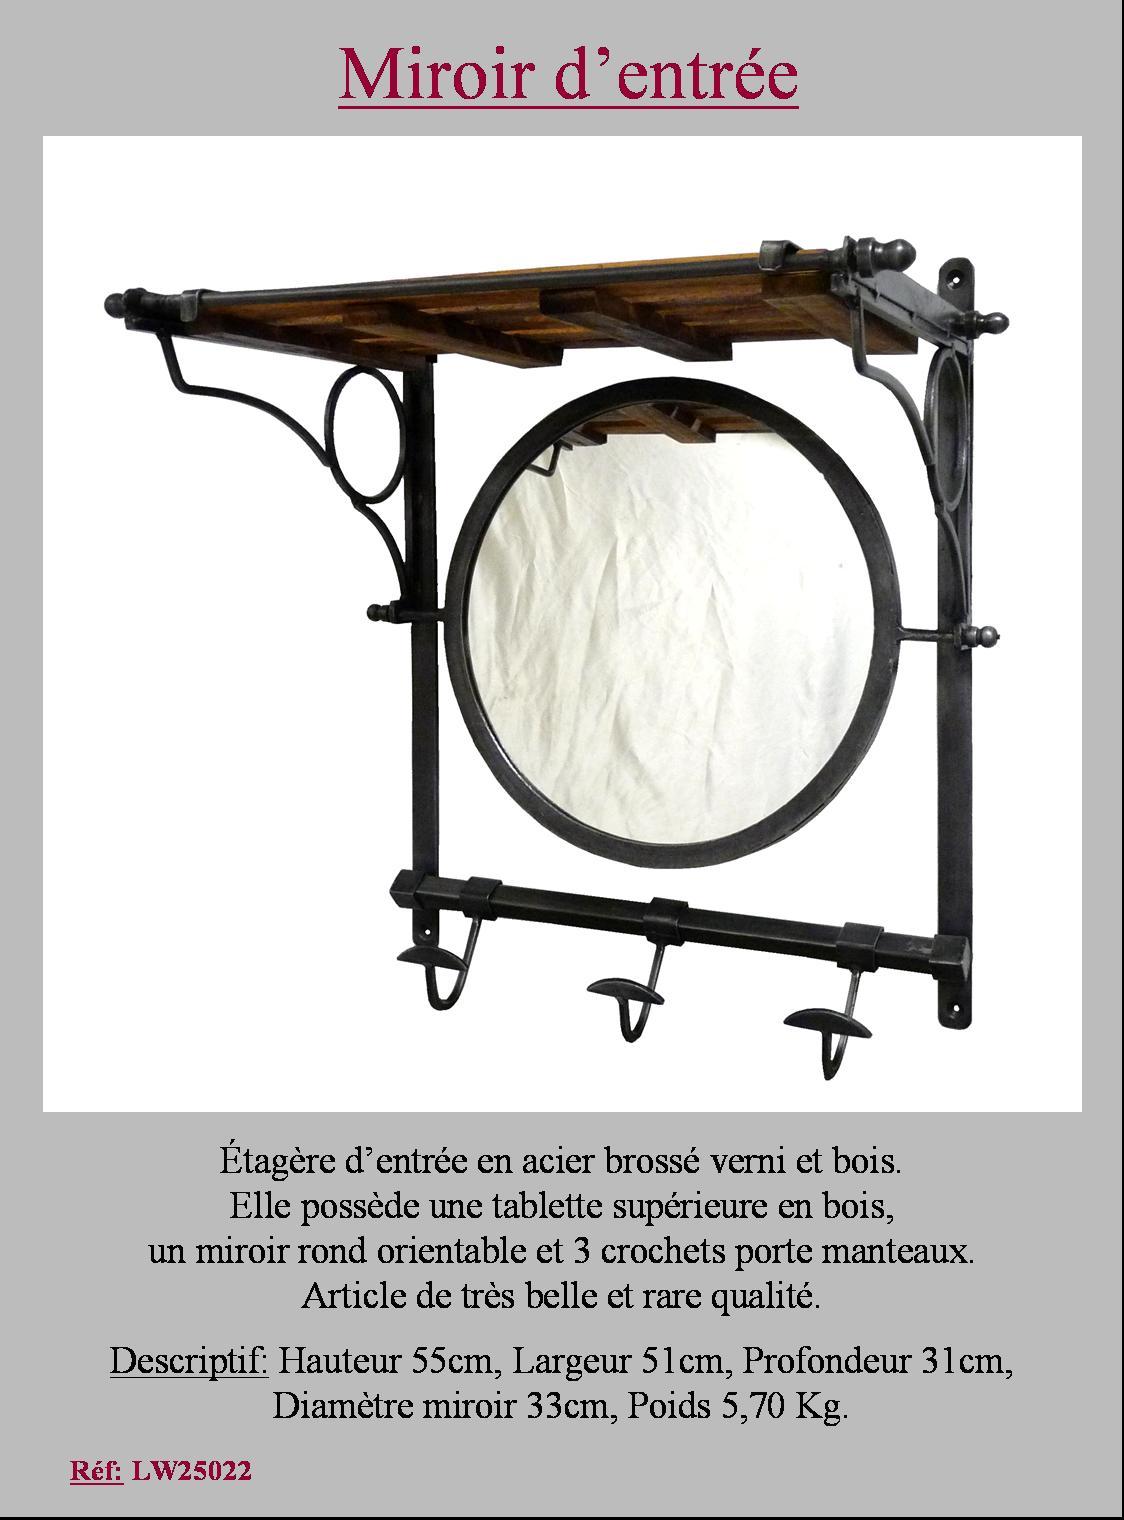 Style ancien miroir oval etagere d entr e porte manteau patere crochet en fer - Miroir d entree ...